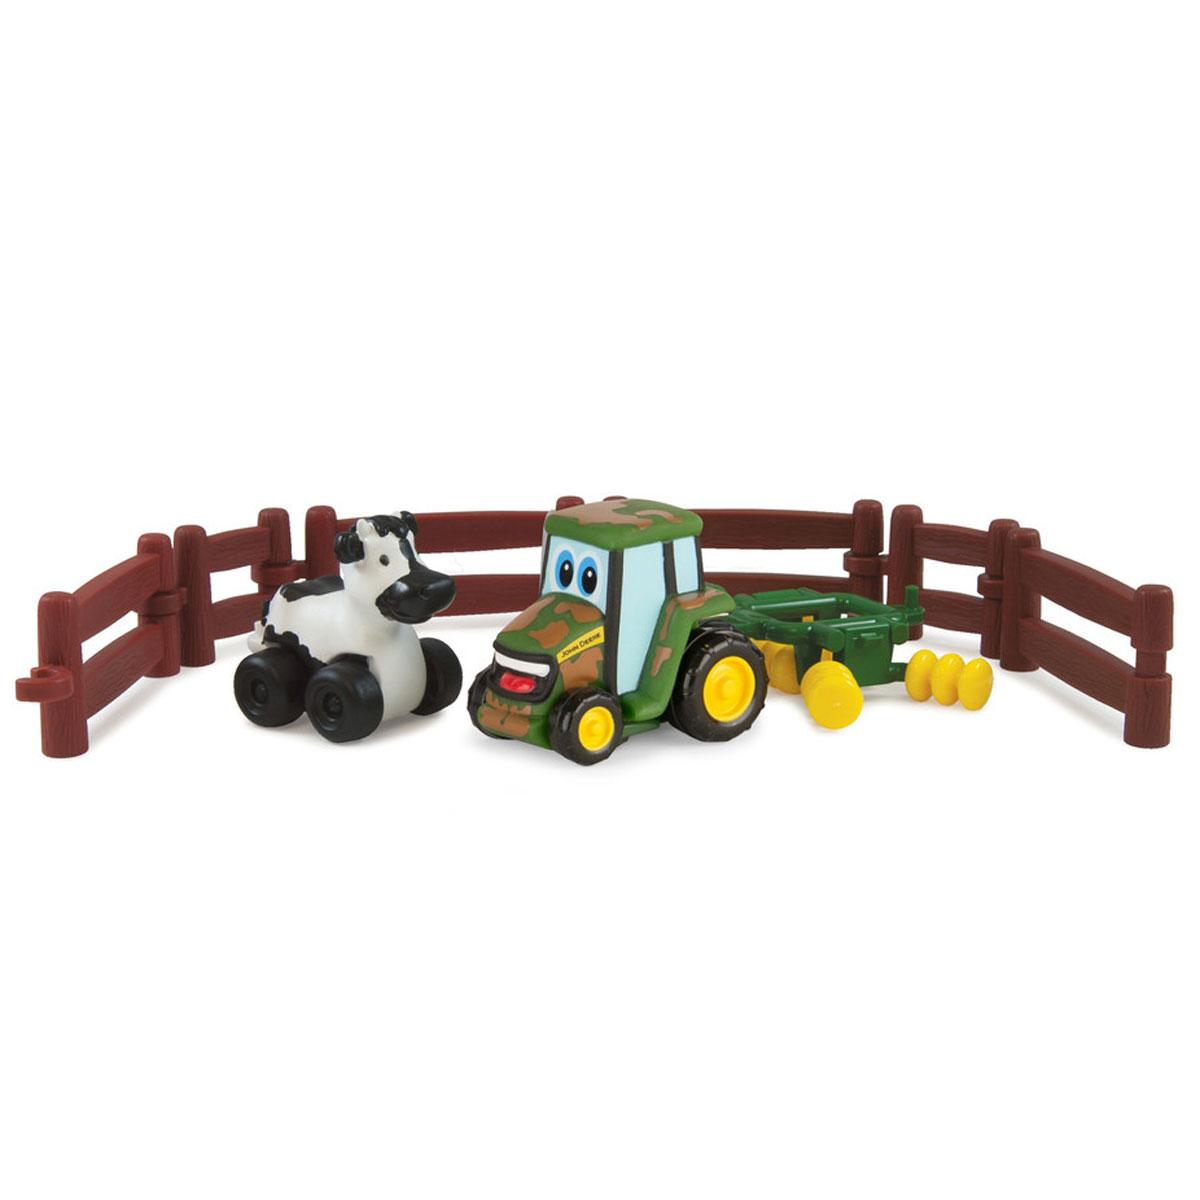 Tomy Игровой набор Приключения трактора Джонни и его друзей на ферме. Корова37722RUИгровой набор Tomy Приключения трактора Джонни и его друзей на ферме несомненно понравится вашему ребенку и поможет обеспечить увлекательный досуг. Набор включает трактор, прицеп, корову на колесиках и 6 элементов забора. Прицеп можно присоединить как к корове, так и к трактору. Предметы выполнены из высококачественного пластика и поставляются в фирменной упаковке. Ваш ребенок будет часами играть с этим игровым набором, придумывая различные истории. Порадуйте его таким интересным набором!